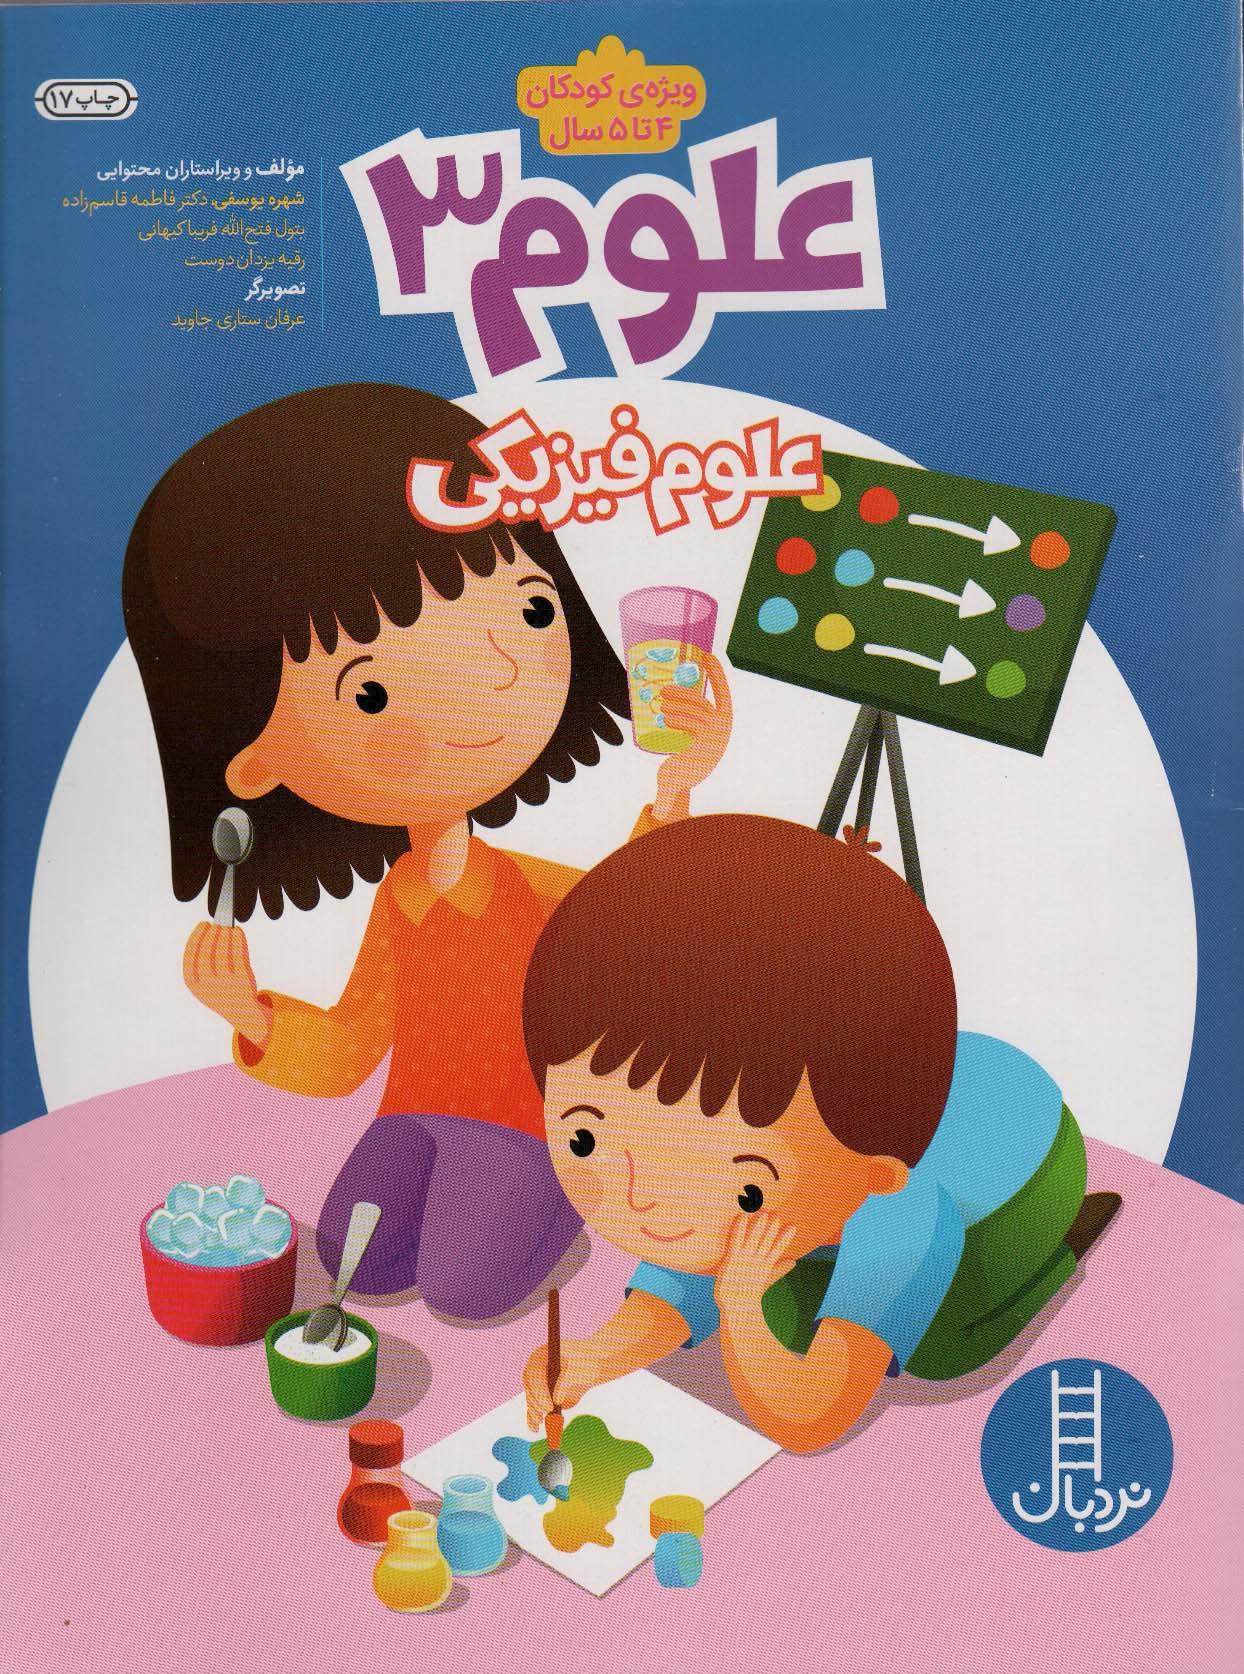 علوم 3:علوم فیزیکی (ویژه کودکان 4تا5سال)